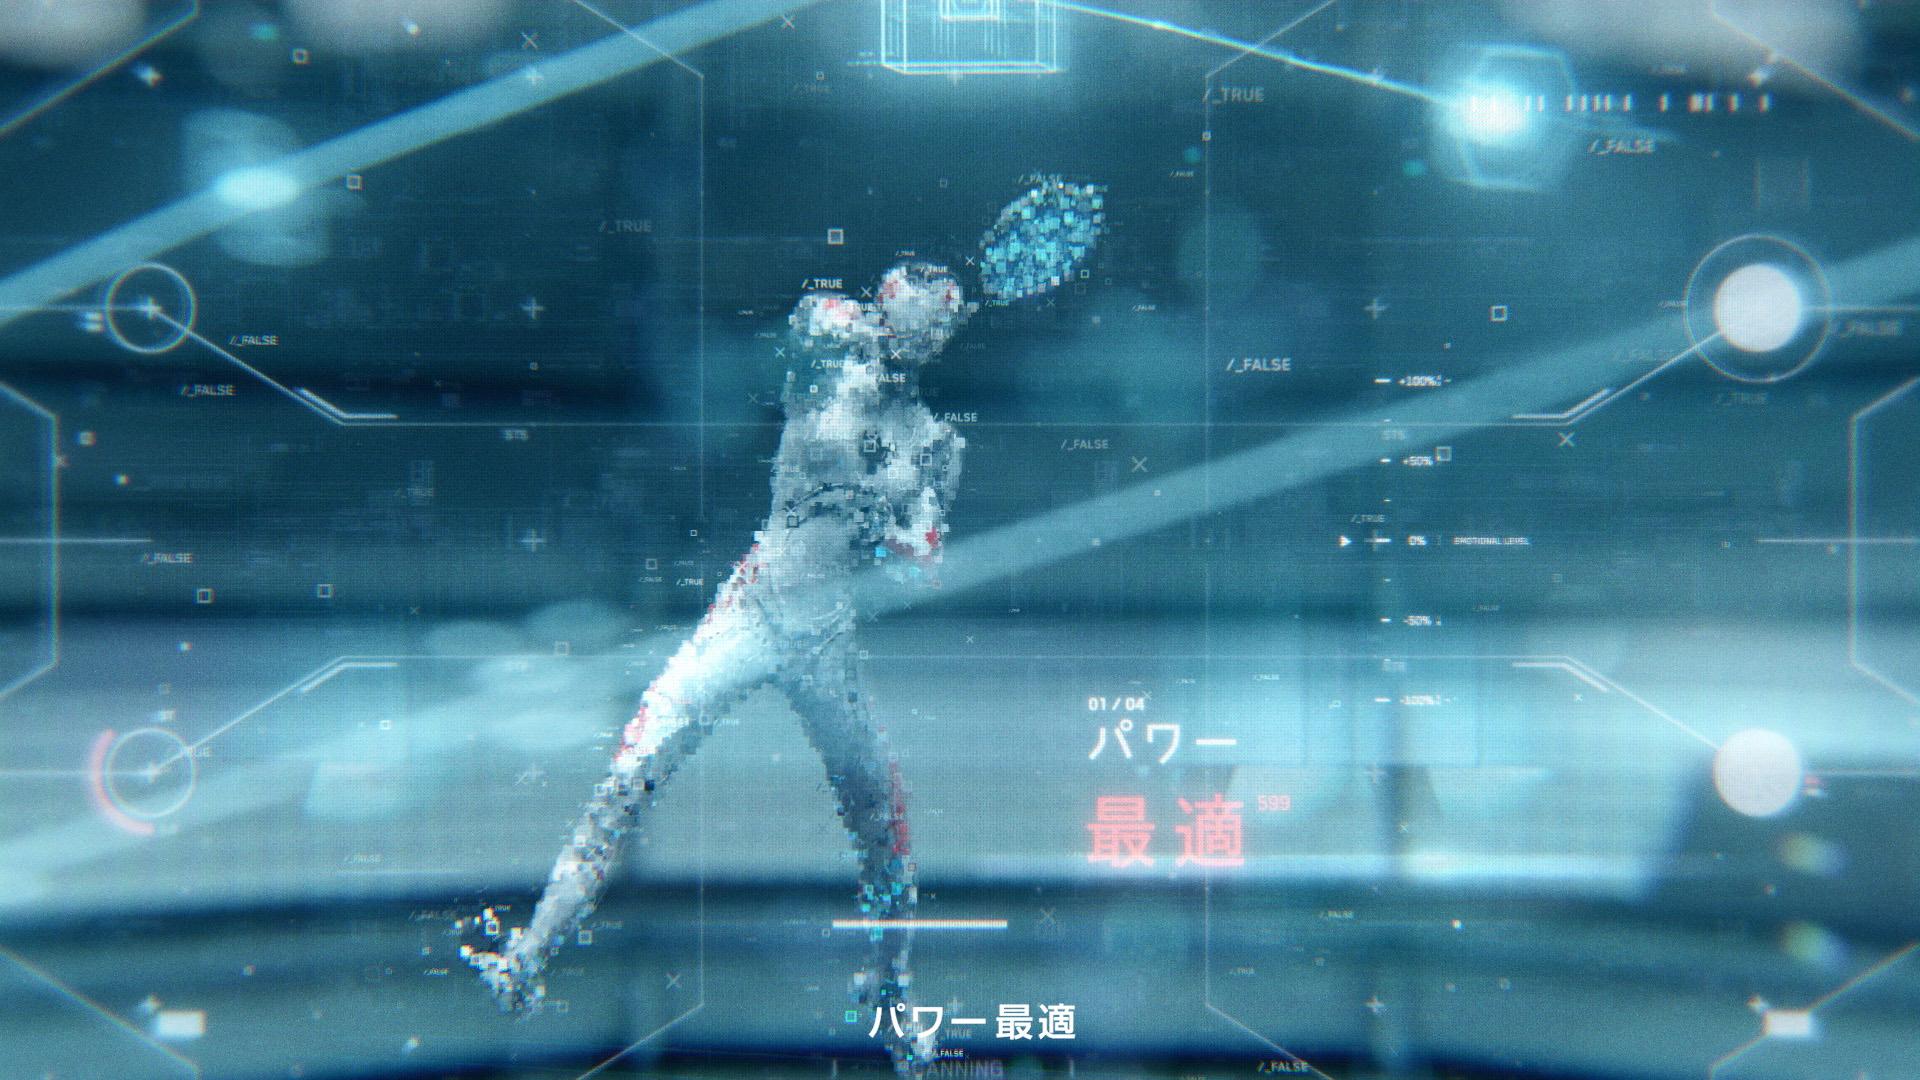 Badminton_QT_ProRes_HQ_JPN_Master_16_9_031220-88535